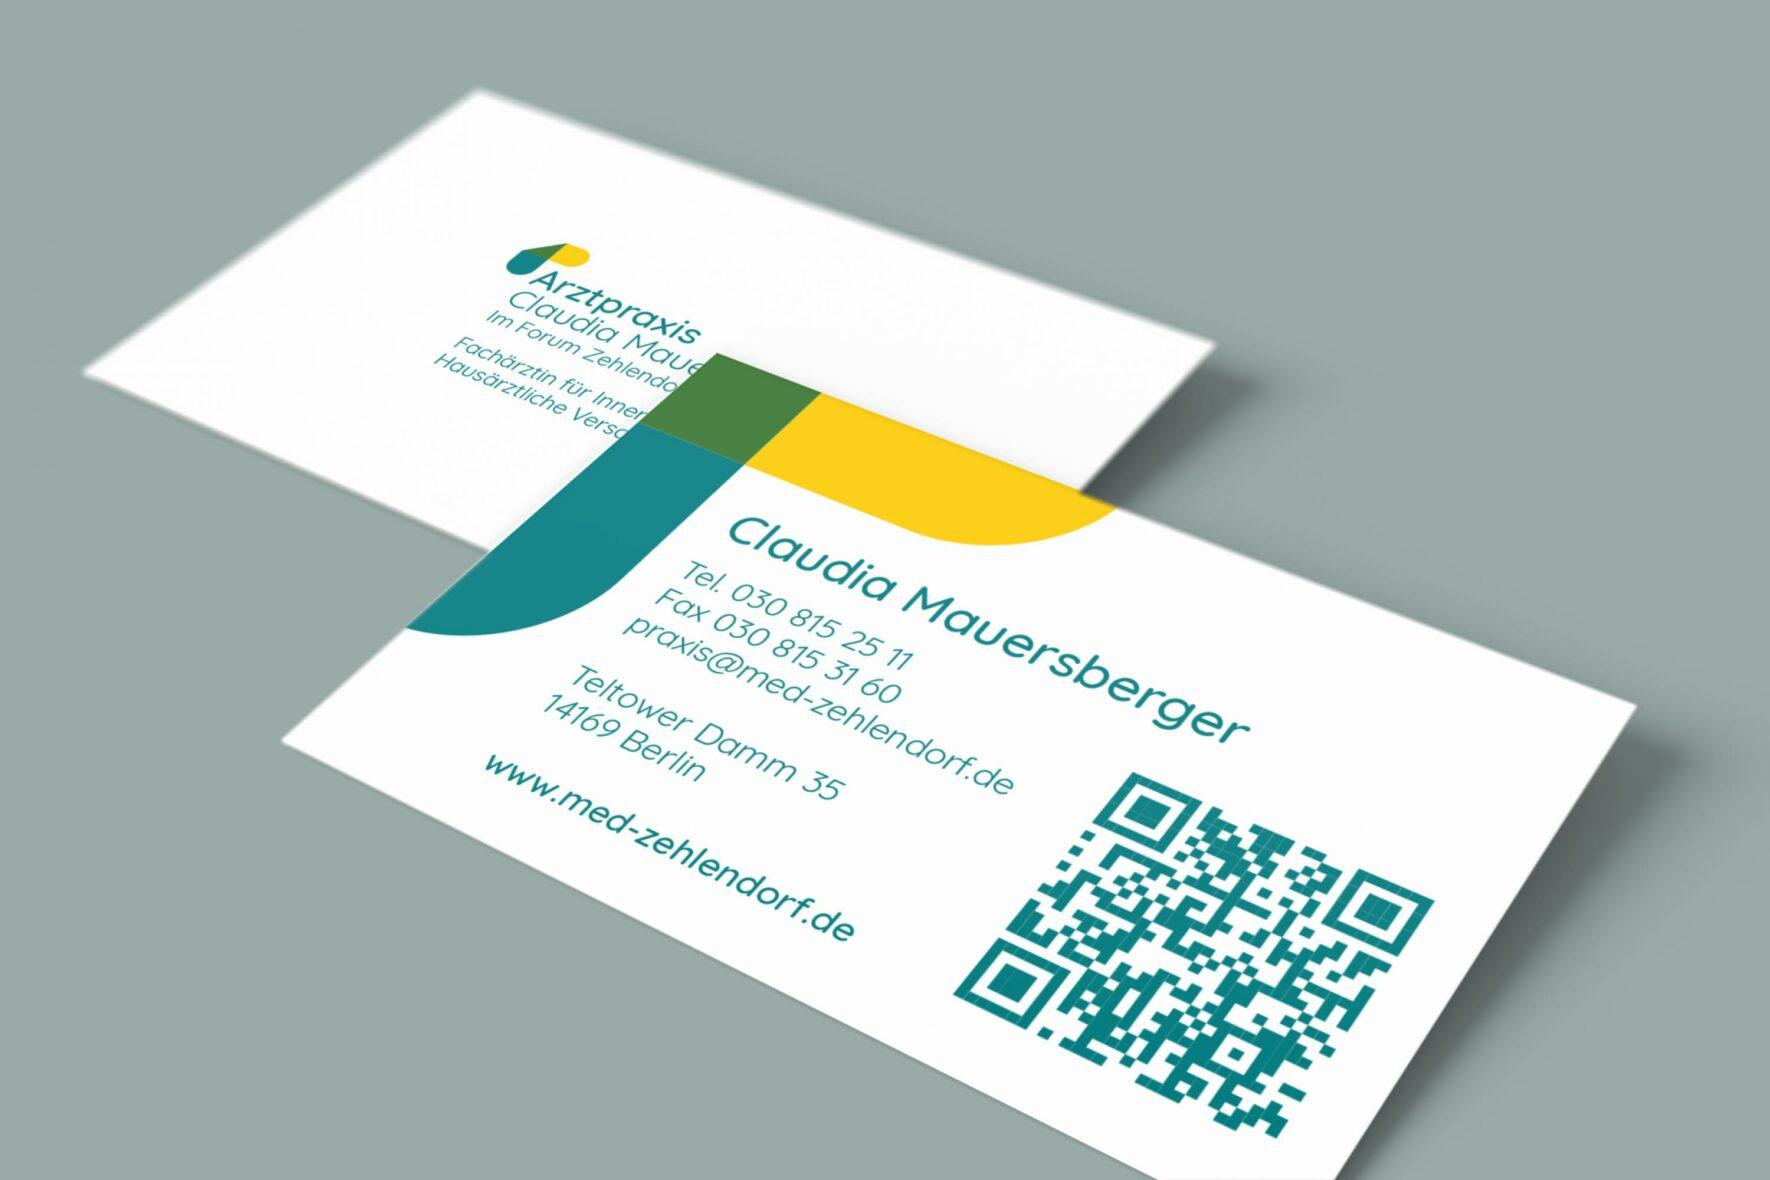 Praxis-Claudia-Mauersberger-Corporate-Design-Print-Geschaeftsausstattung-Visitenkarten-FORMLOS-Berlin-einfach-2